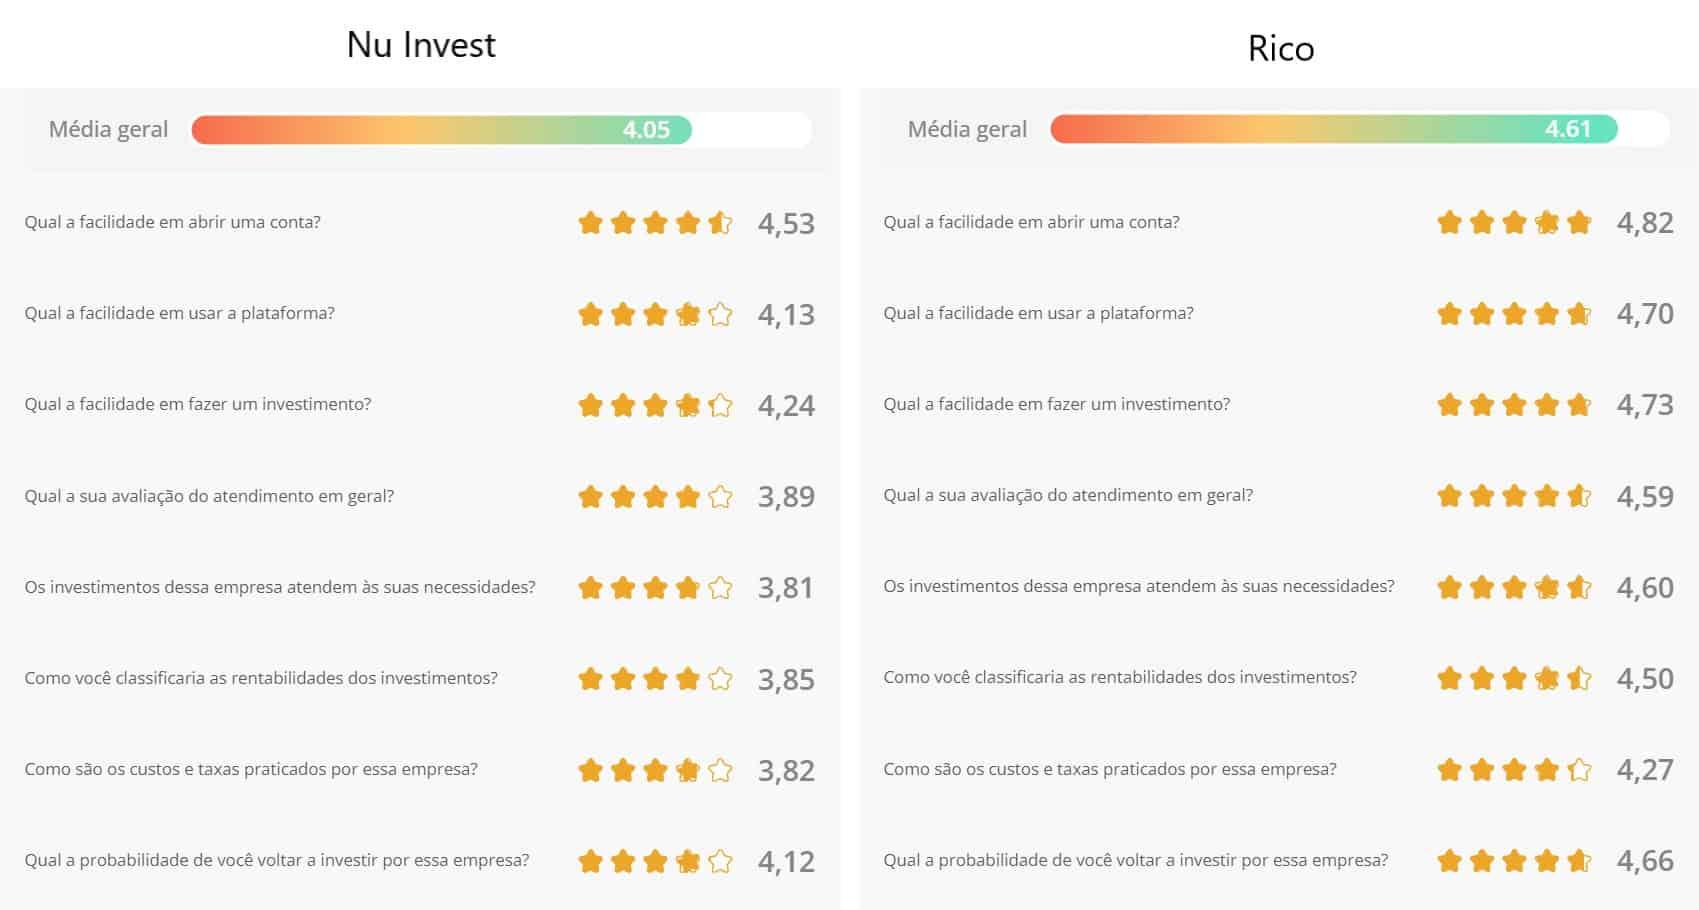 avaliações nu invest e rico no yubb